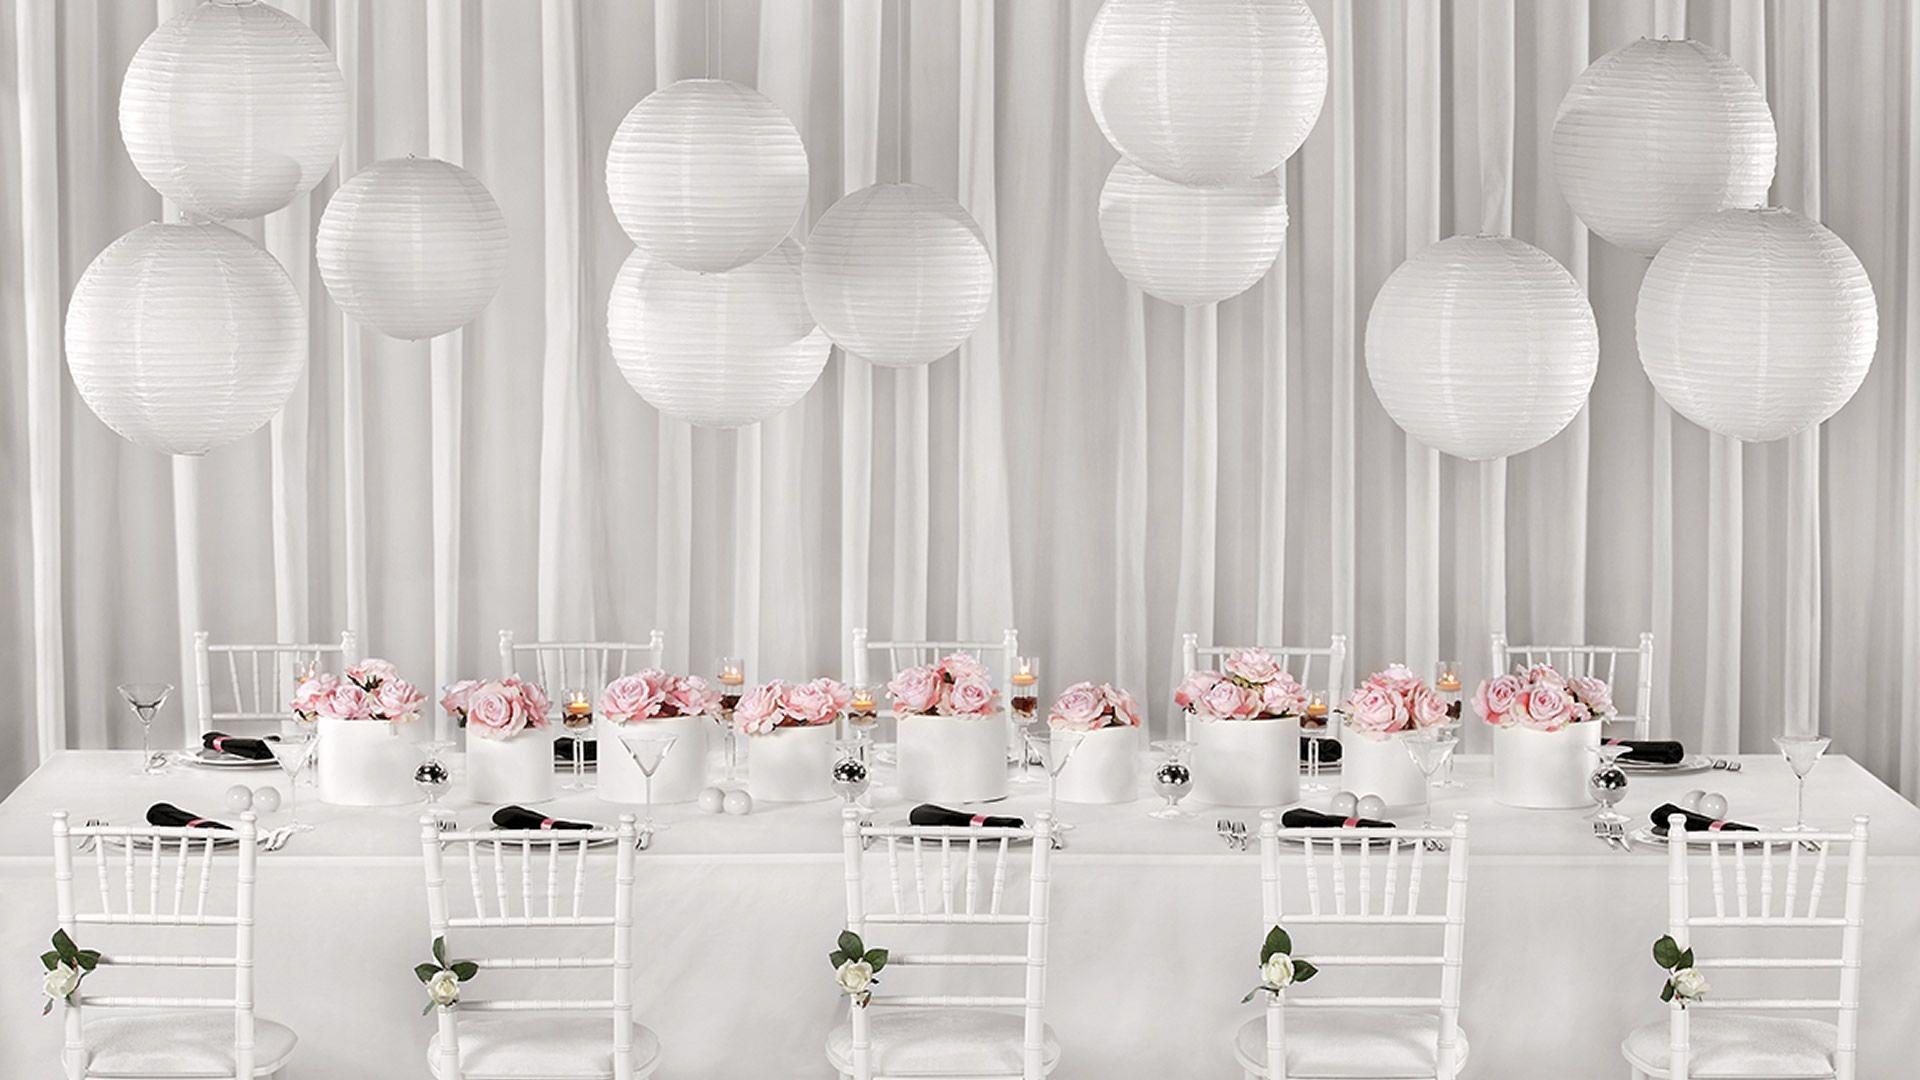 Image wedding2.jpeg